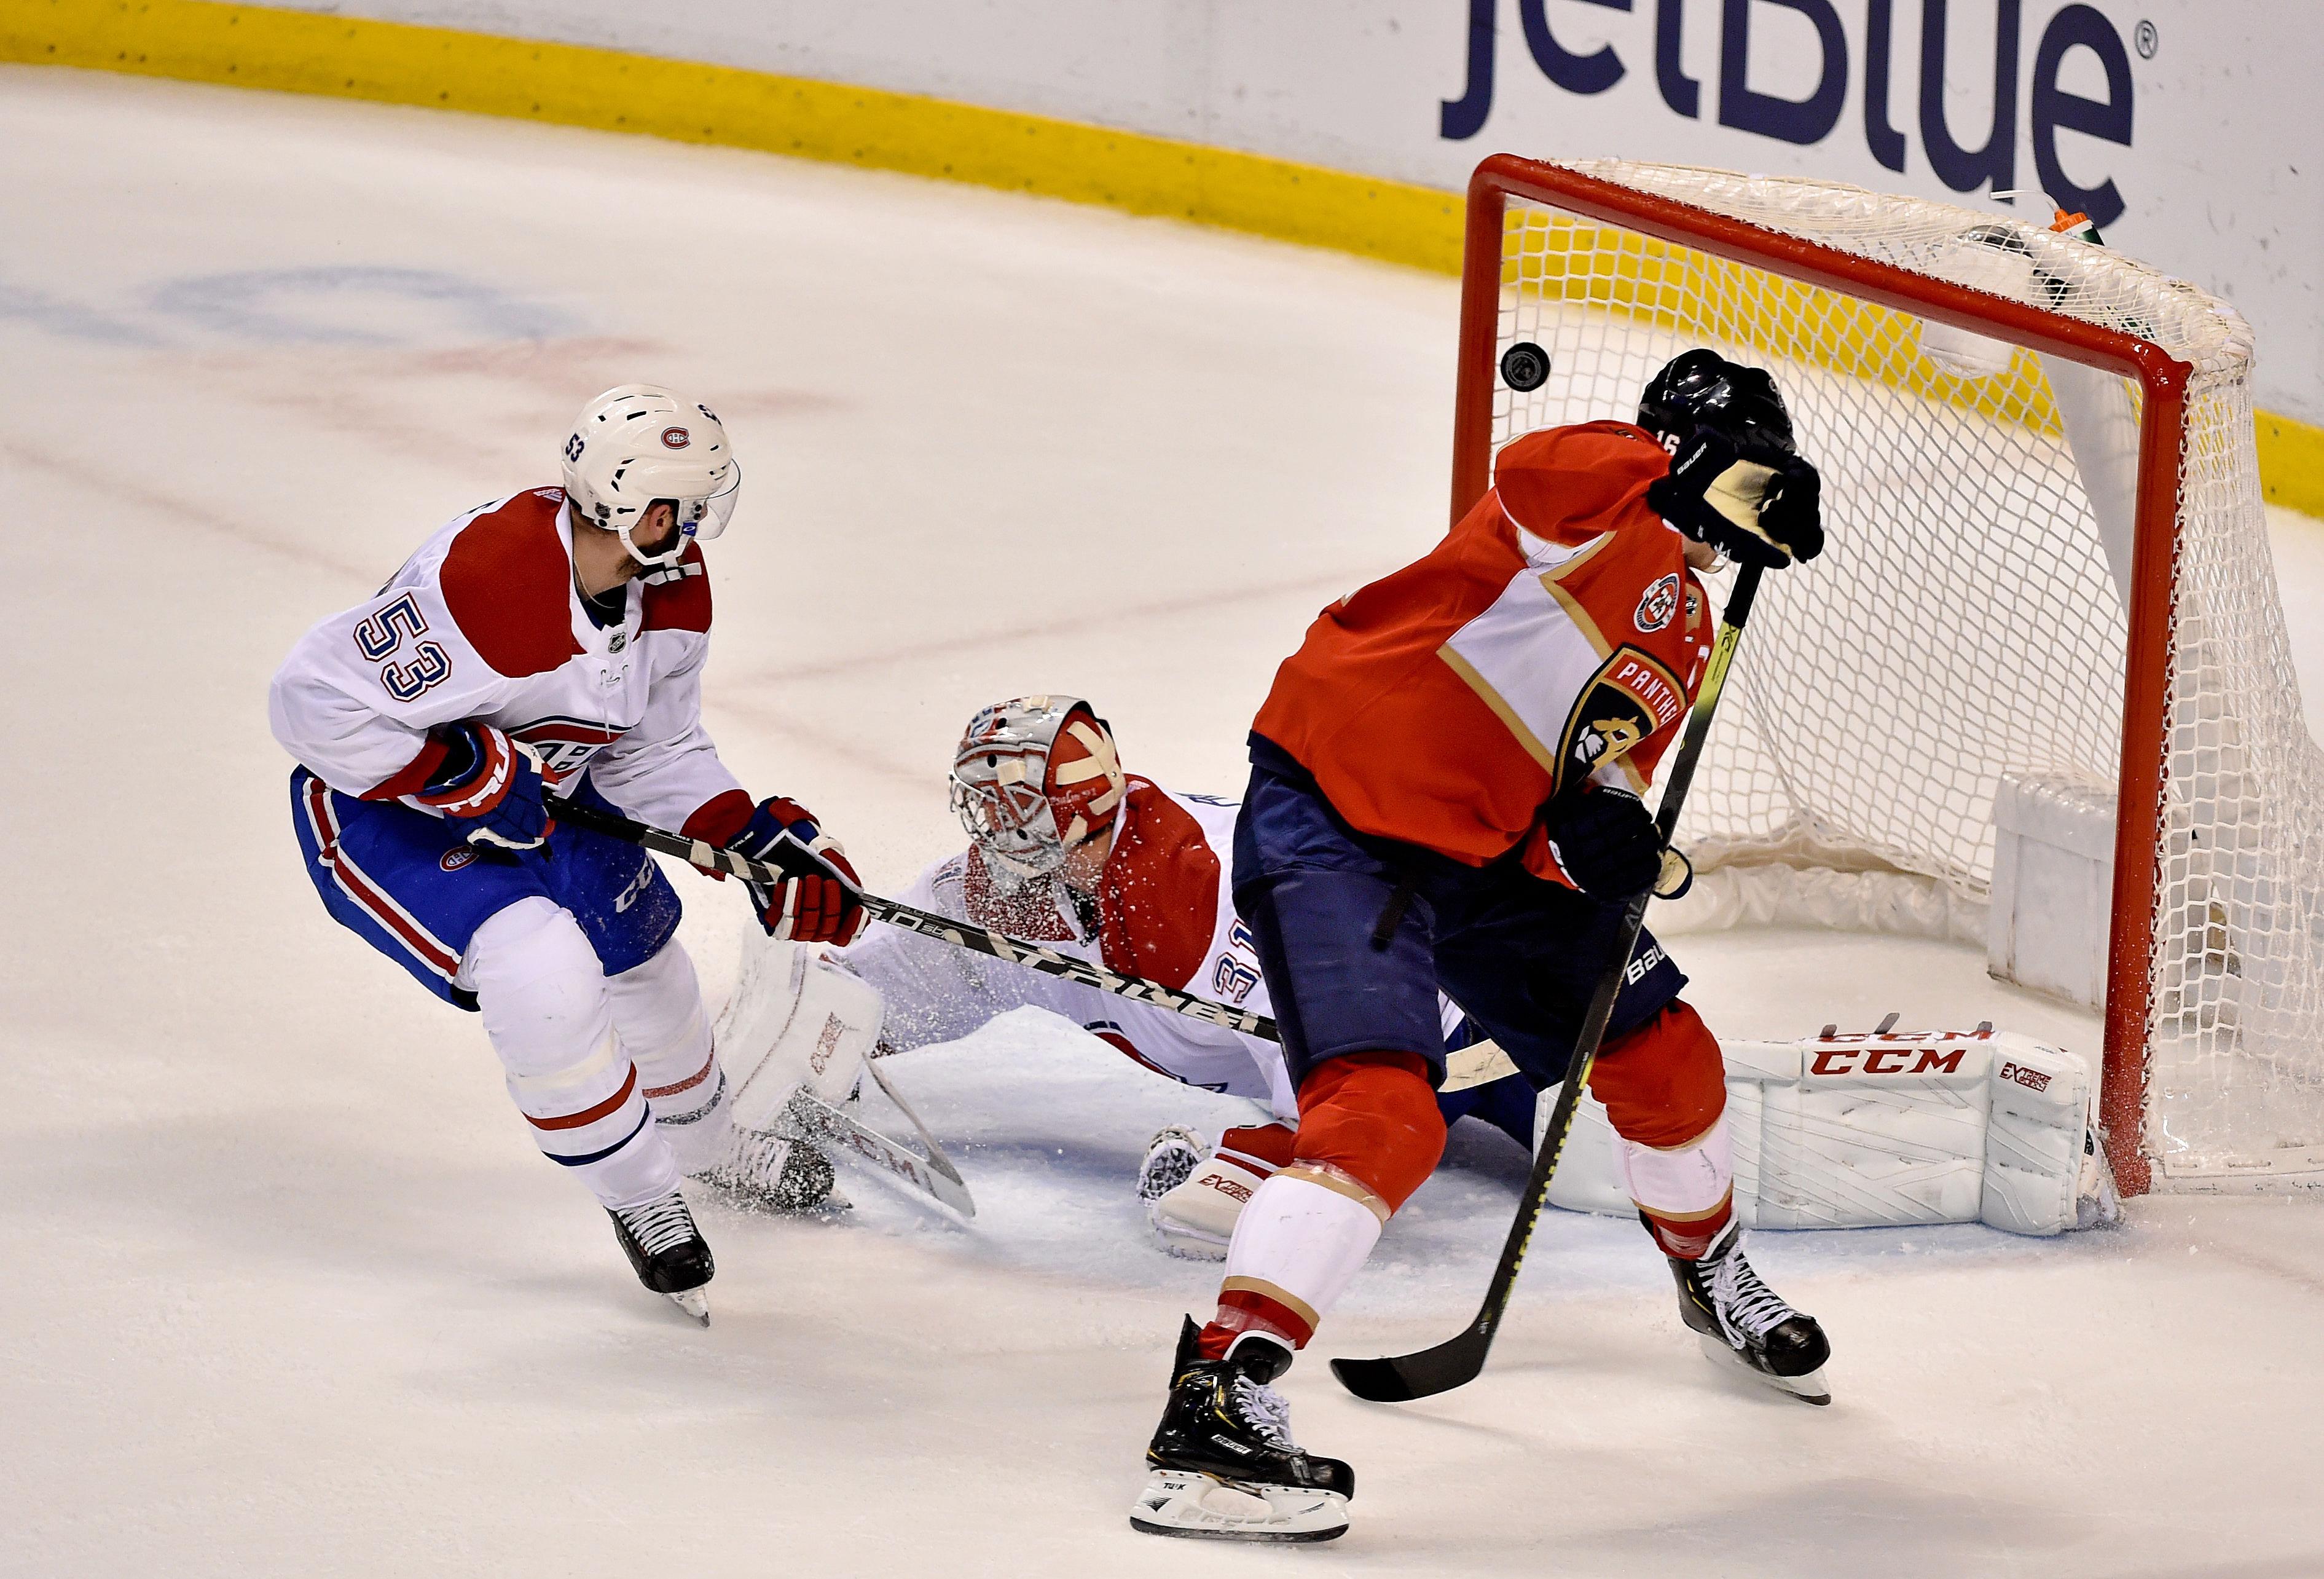 Watch: Panthers' Aleksander Barkov's Sick Goal